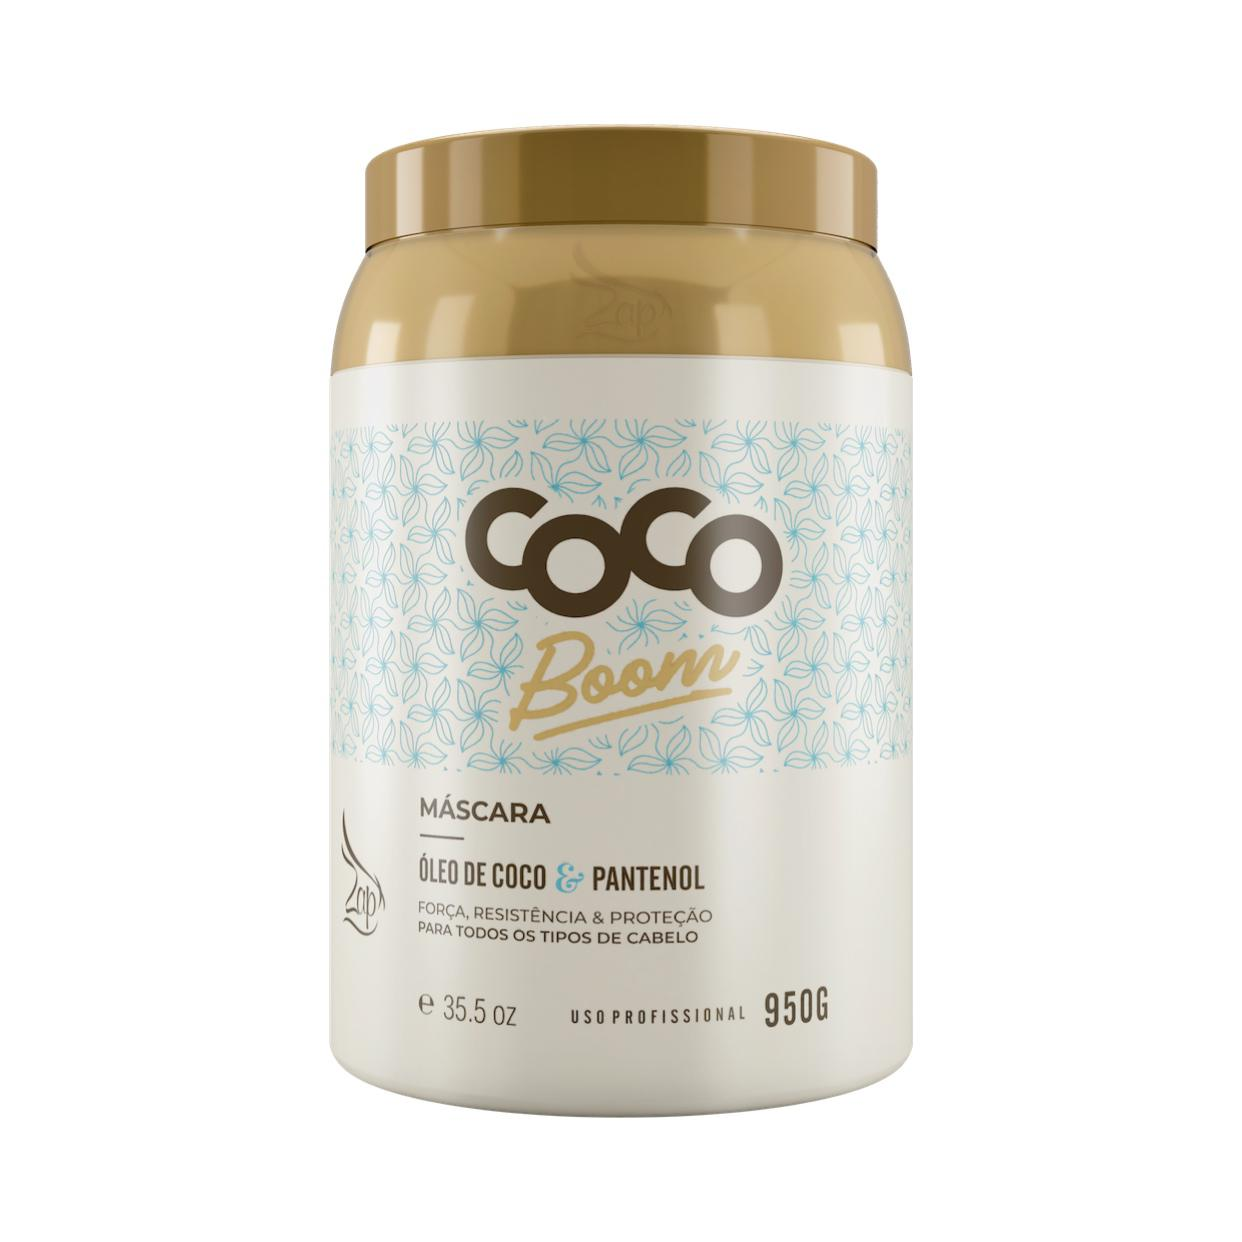 Zap Coco Boom Máscara 950g